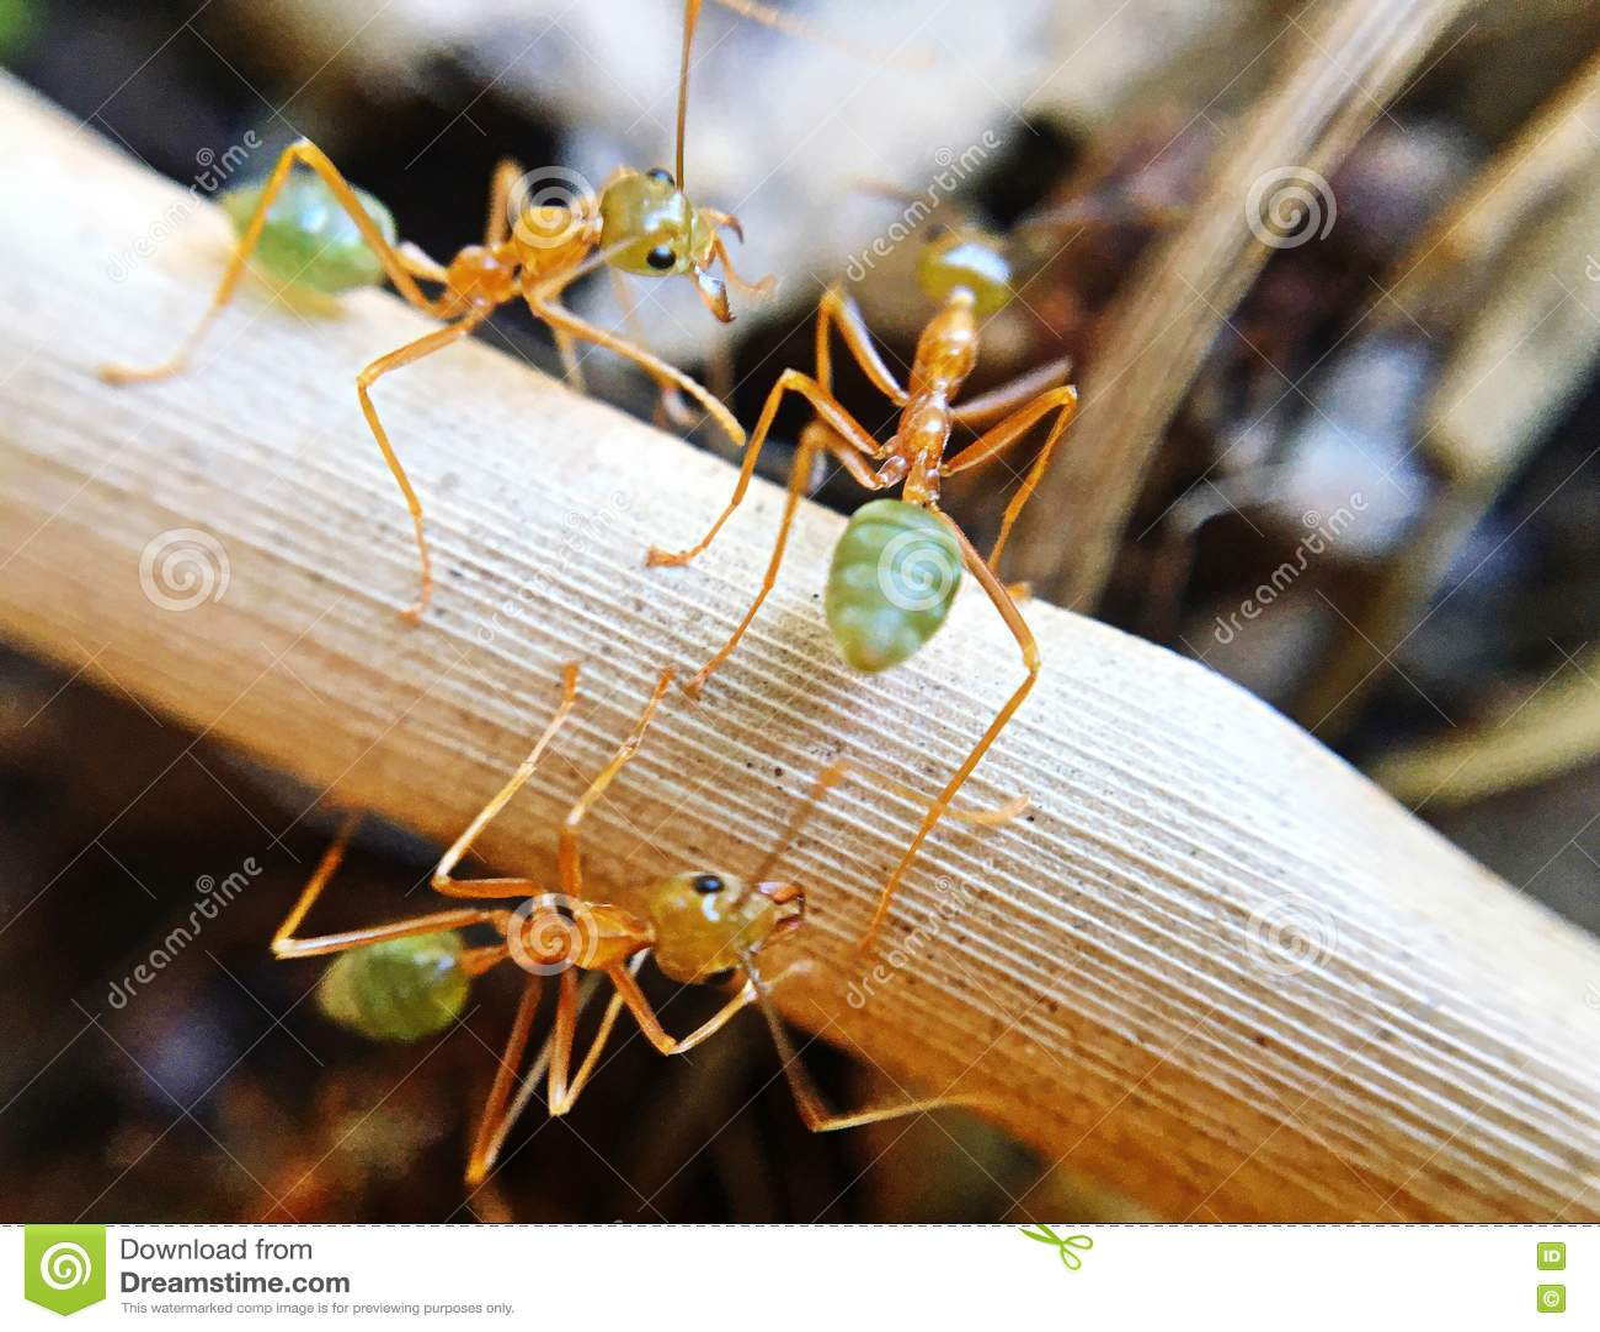 Картинки по запросу зеленые муравьи